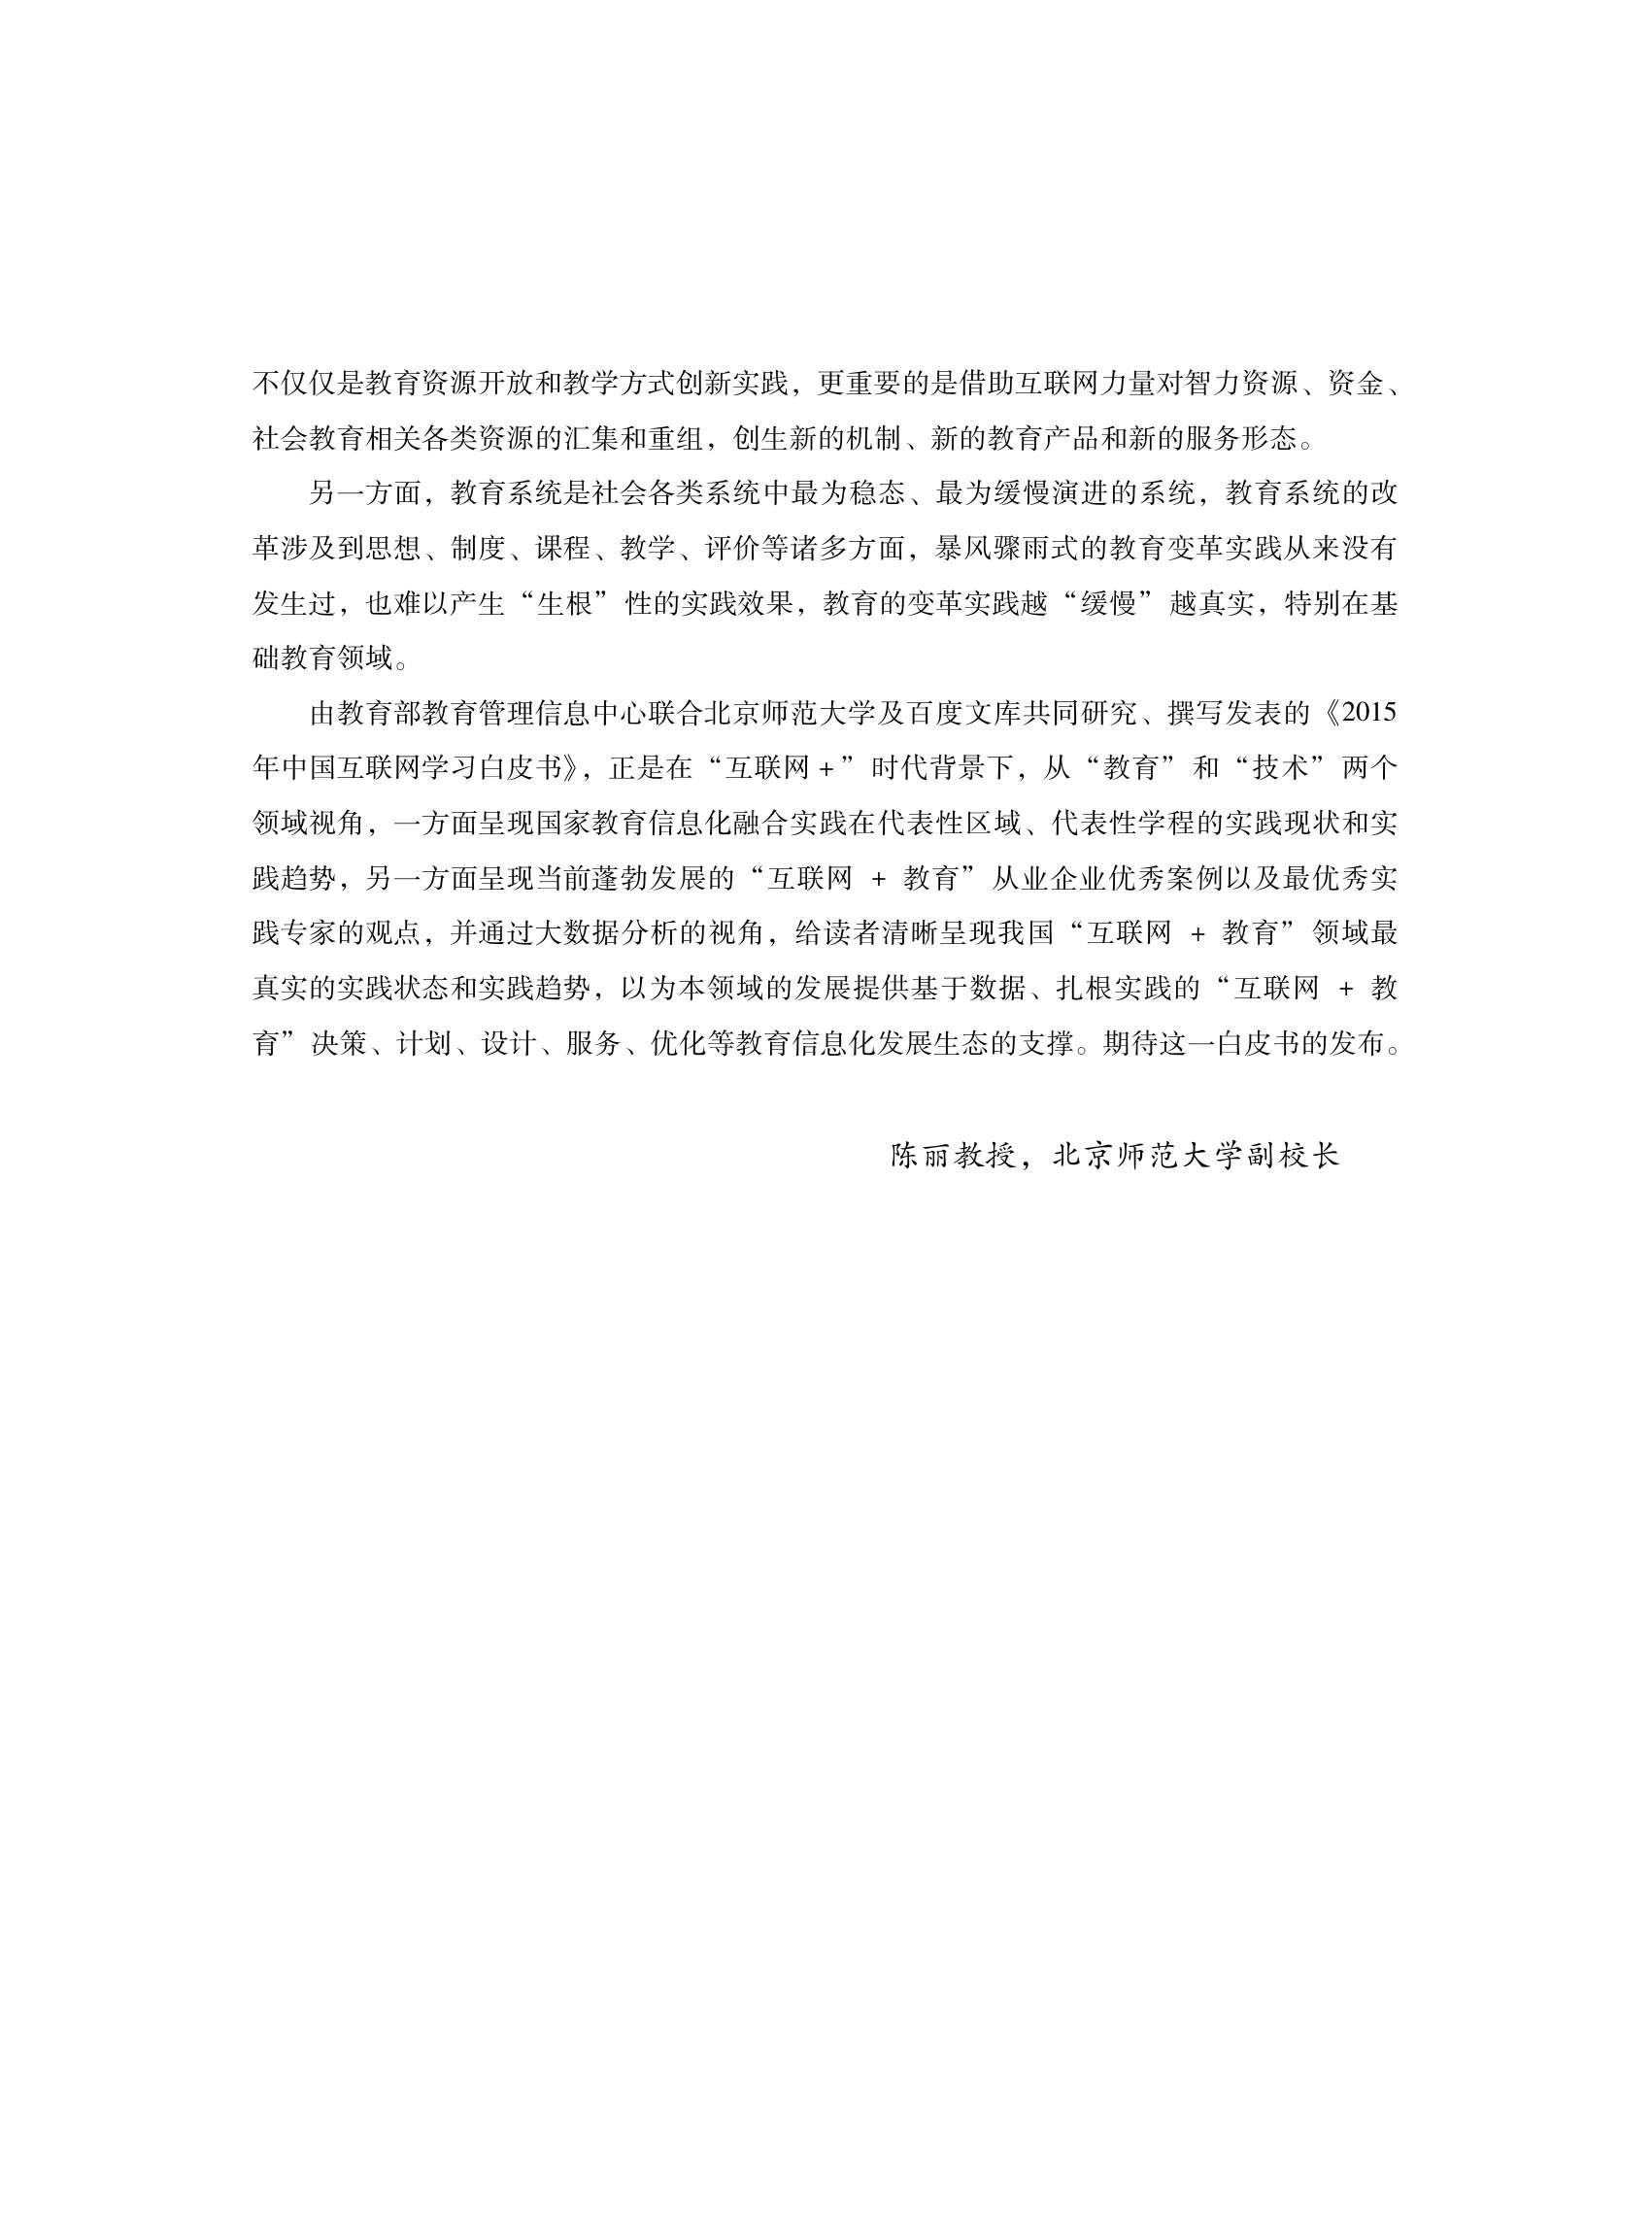 2015年中国互联网学习白皮书_000007